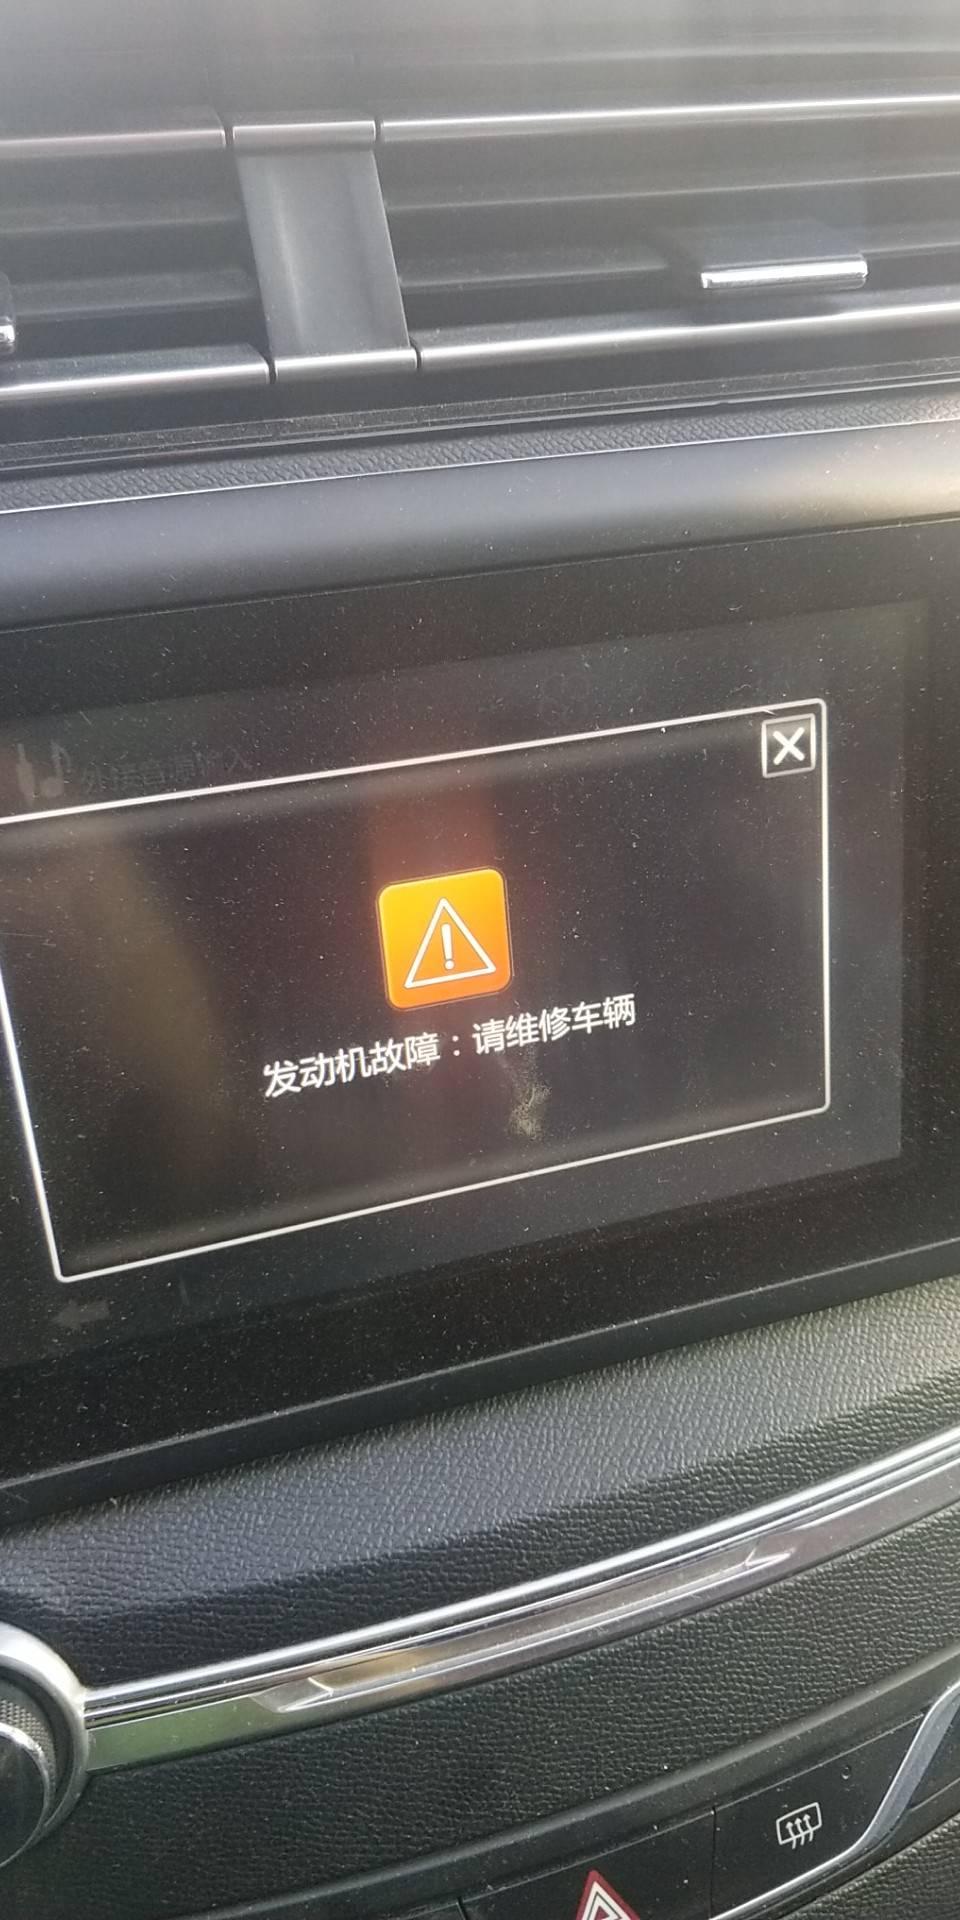 该车烧机油严重,4S店一直不修,拖延